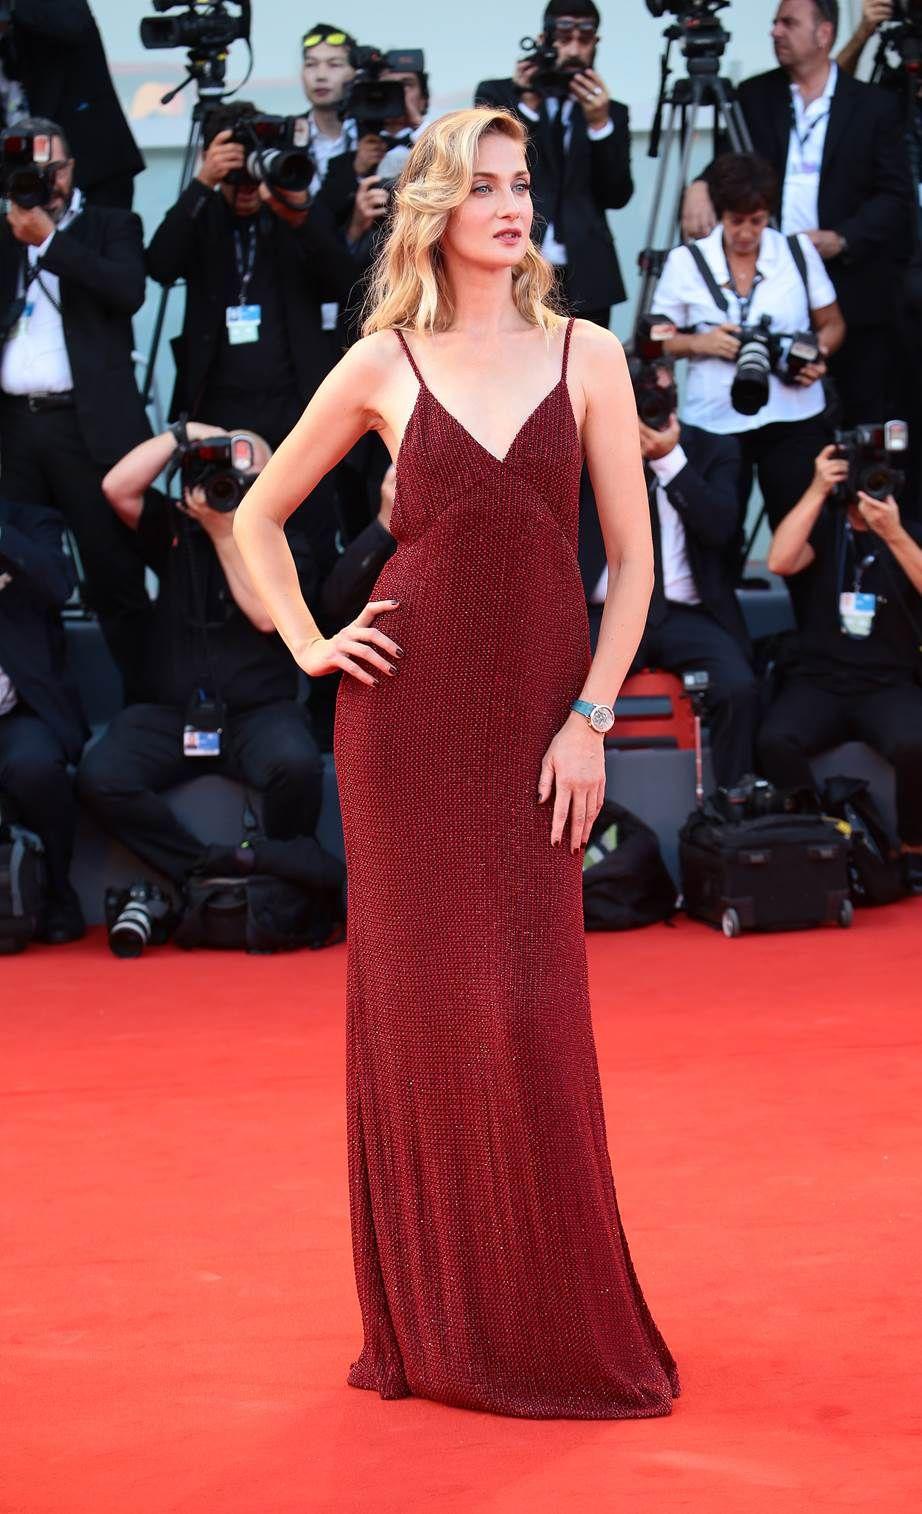 Розкішні сукні знаменитостей на відкритті Венеційського кінофестивалю-2017 - фото 336126